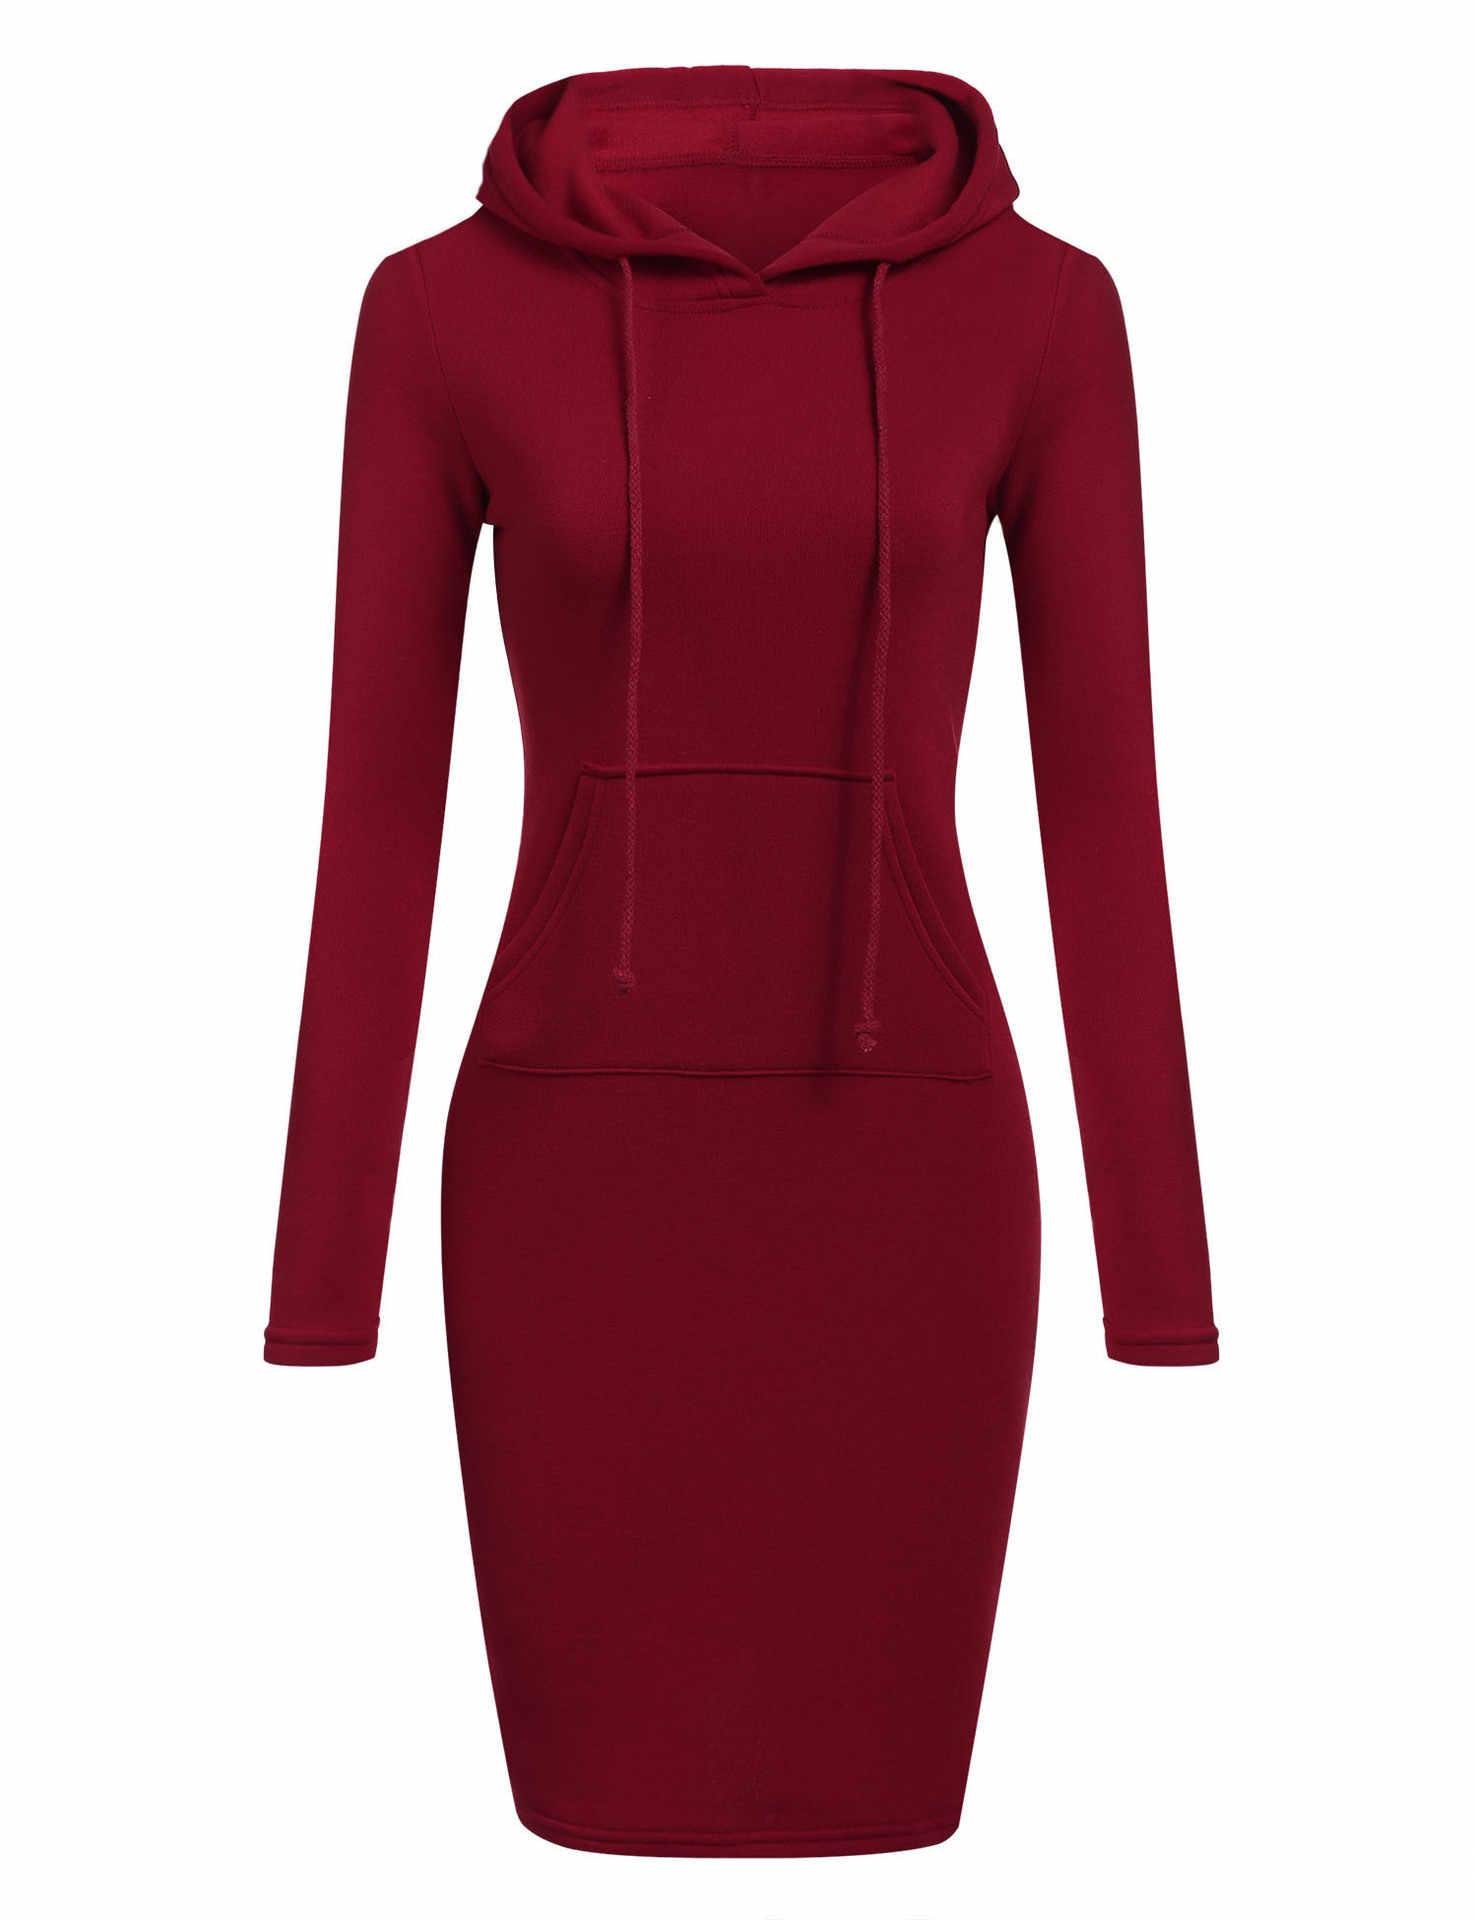 Herbst Winter Warme Sweatshirt Lange-ärmeln Kleid Frau Kleidung Mit Kapuze Kragen Tasche Einfache Casual dame Kleid Vesdies Sweatshirt